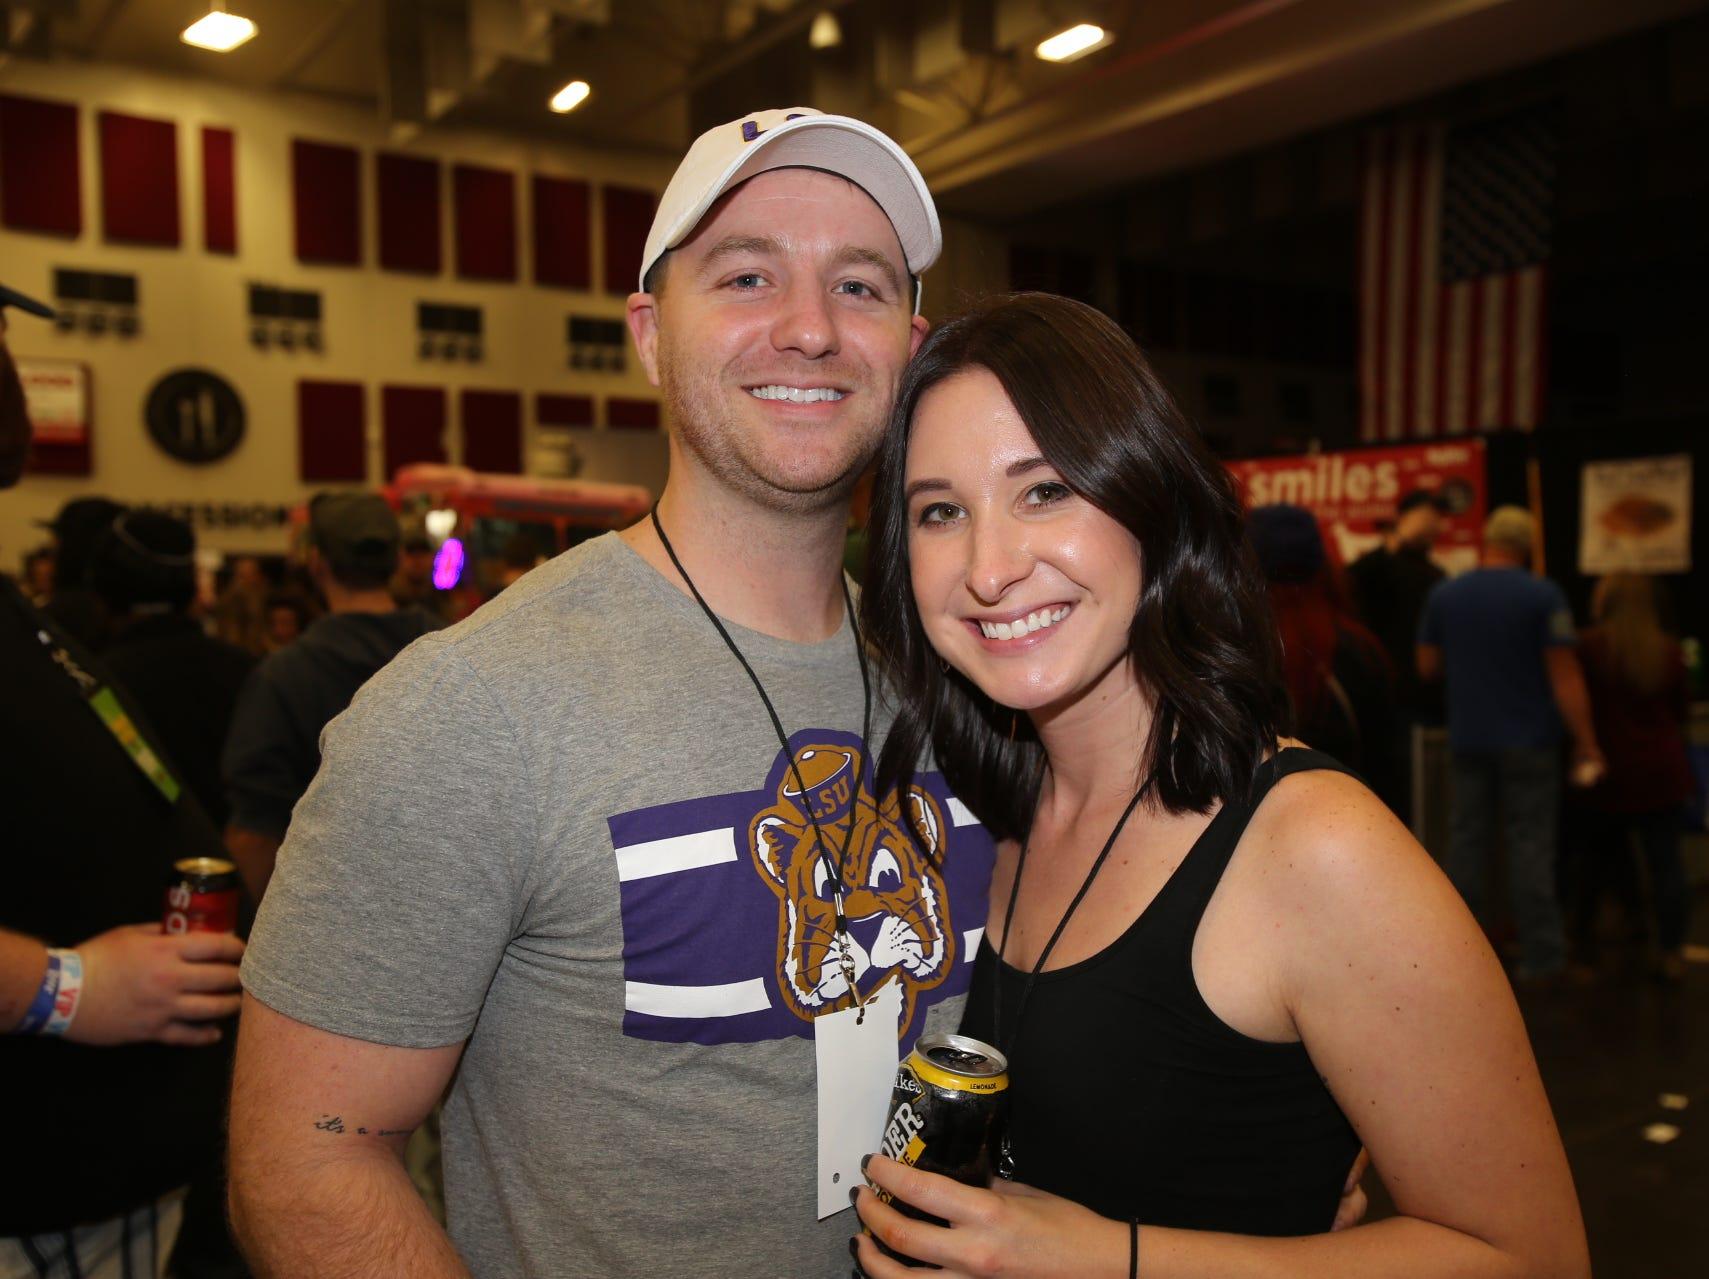 Daniel Heisler and Tamara Bueler